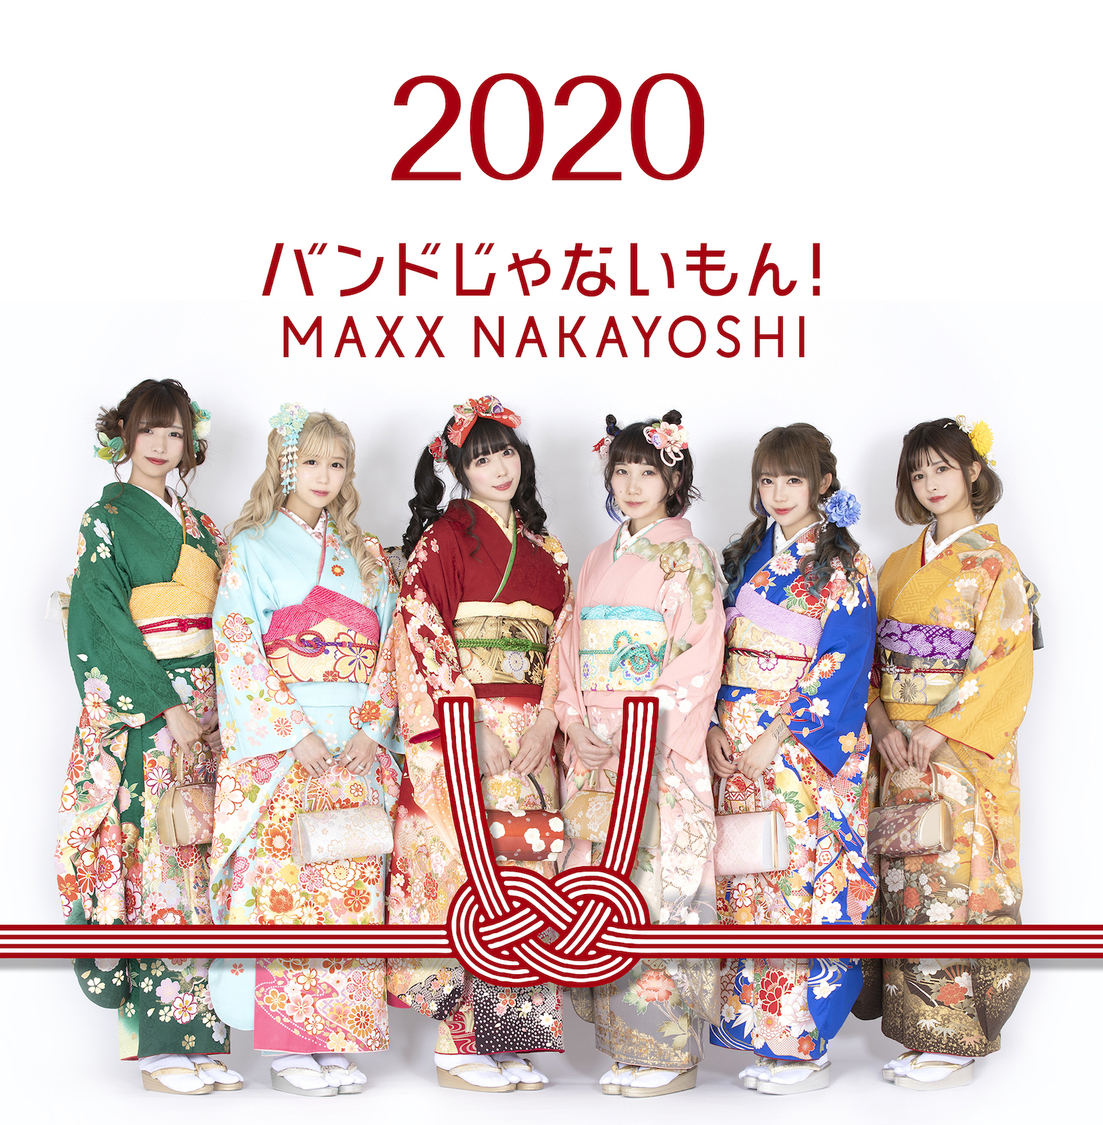 バンもん!、4月発売の新作に田中秀和、ネクライトーキー朝日、ラブリーサマーちゃんの参加が決定!